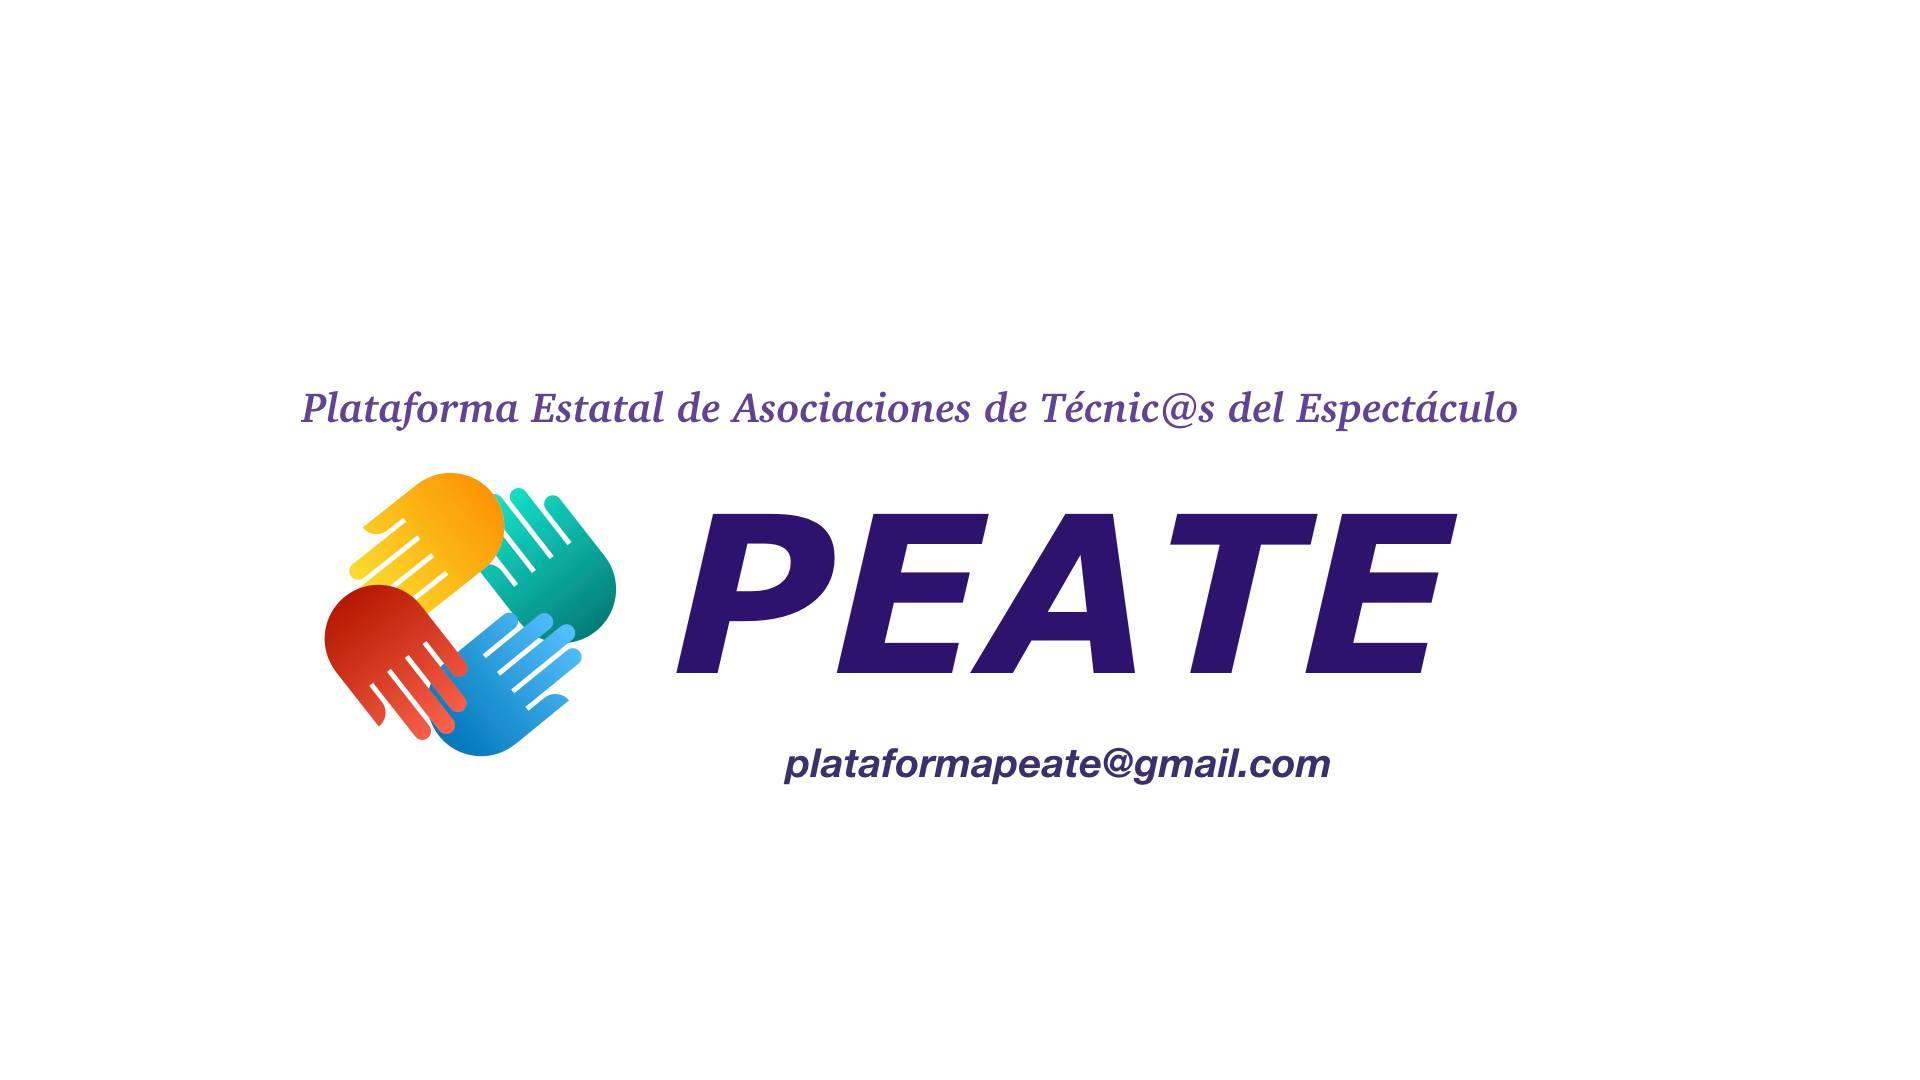 Peate - Plataforma Estatal de Asociaciones de Técnicos del Espectáculo